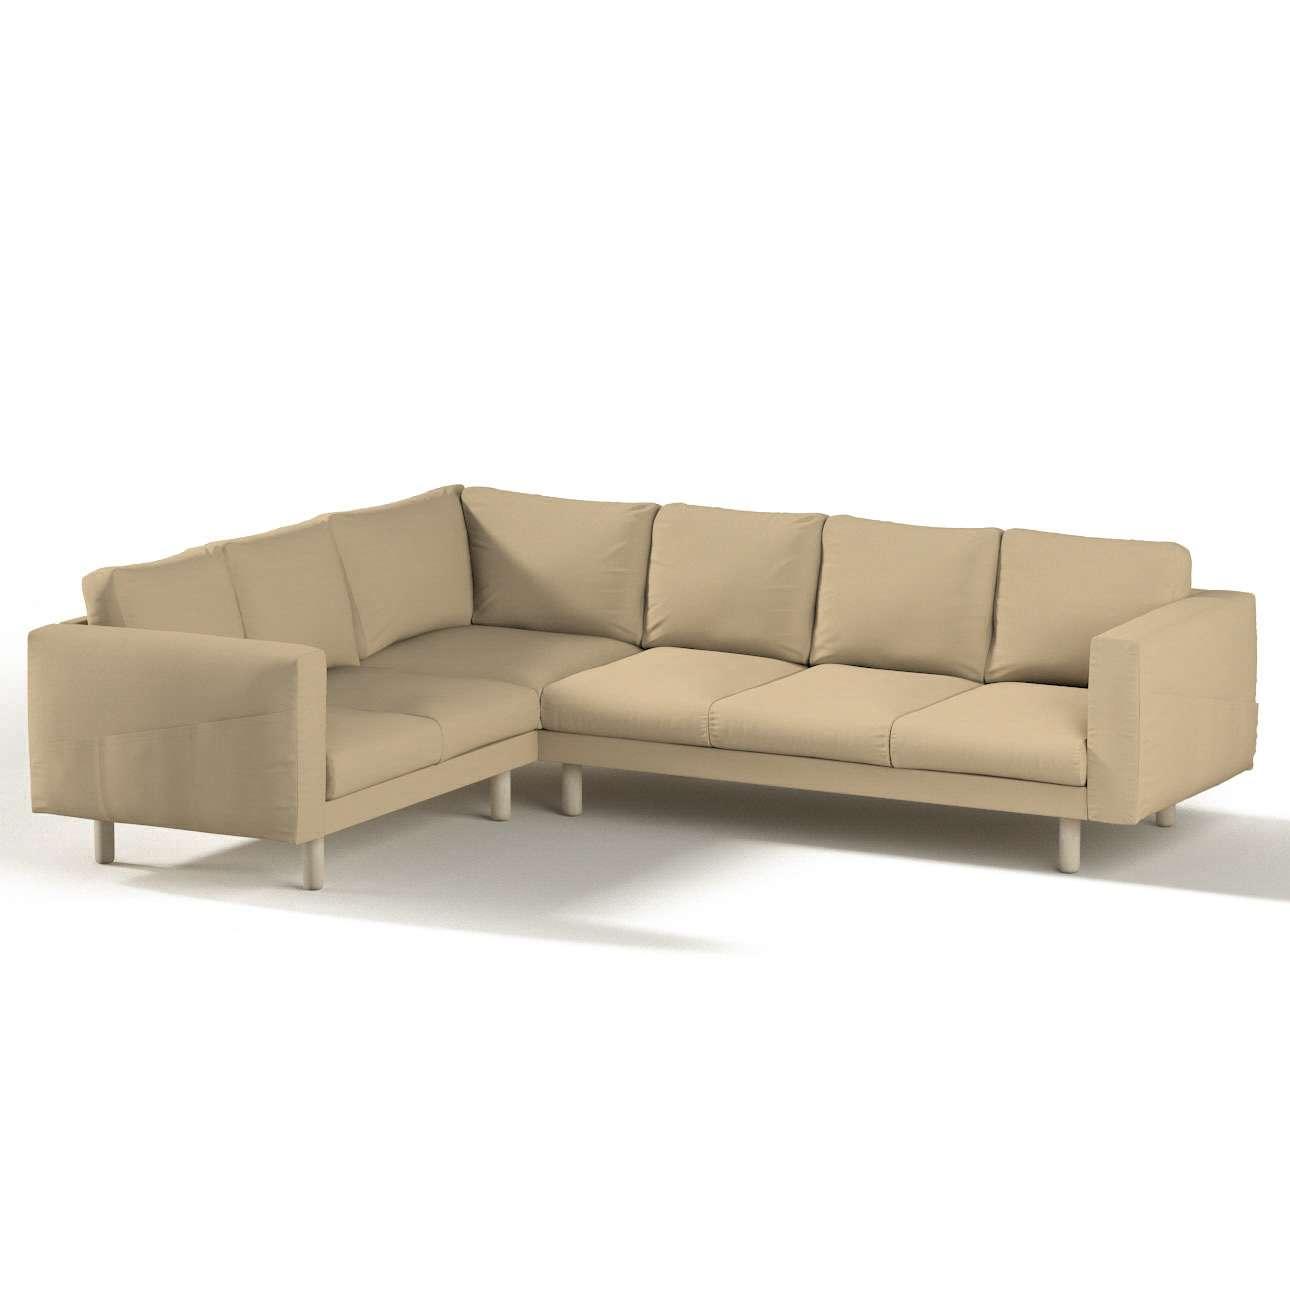 Pokrowiec na sofę narożną Norsborg 5-osobową w kolekcji Cotton Panama, tkanina: 702-01